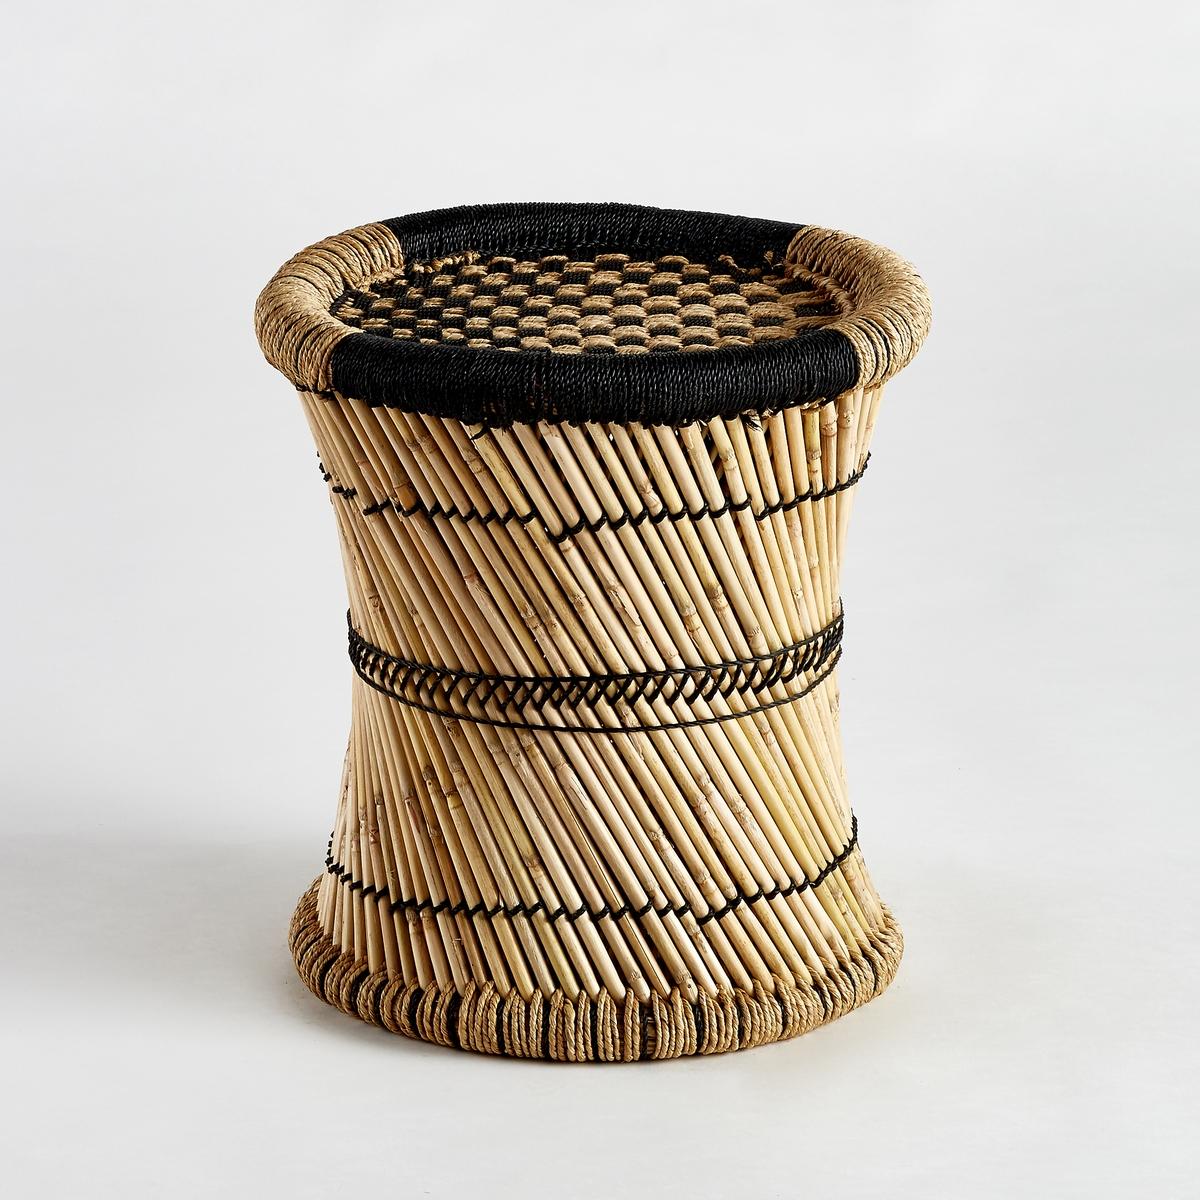 Столик диванный Tingda с рисунком в клеткуДиванный столик Tingda. Можно использовать отдельно или в сочетании с другими моделями из нашей коллекции, которые продаются на нашем сайте.Характеристики :- Из плетеного бамбука и веревки из полиэстера. Ручное производство.Размеры  :- диаметр 41 x высота 43 см.<br><br>Цвет: экрю/ черный